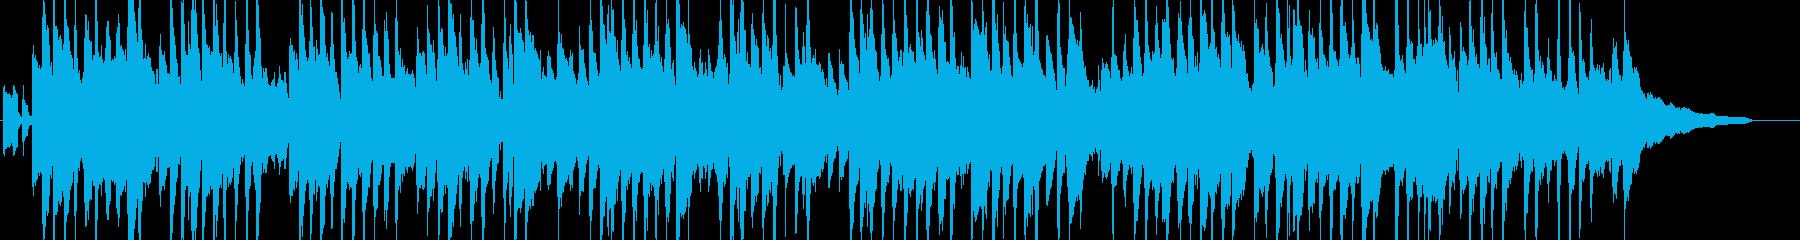 アコギとハーモニカの田舎風のんびりBGMの再生済みの波形